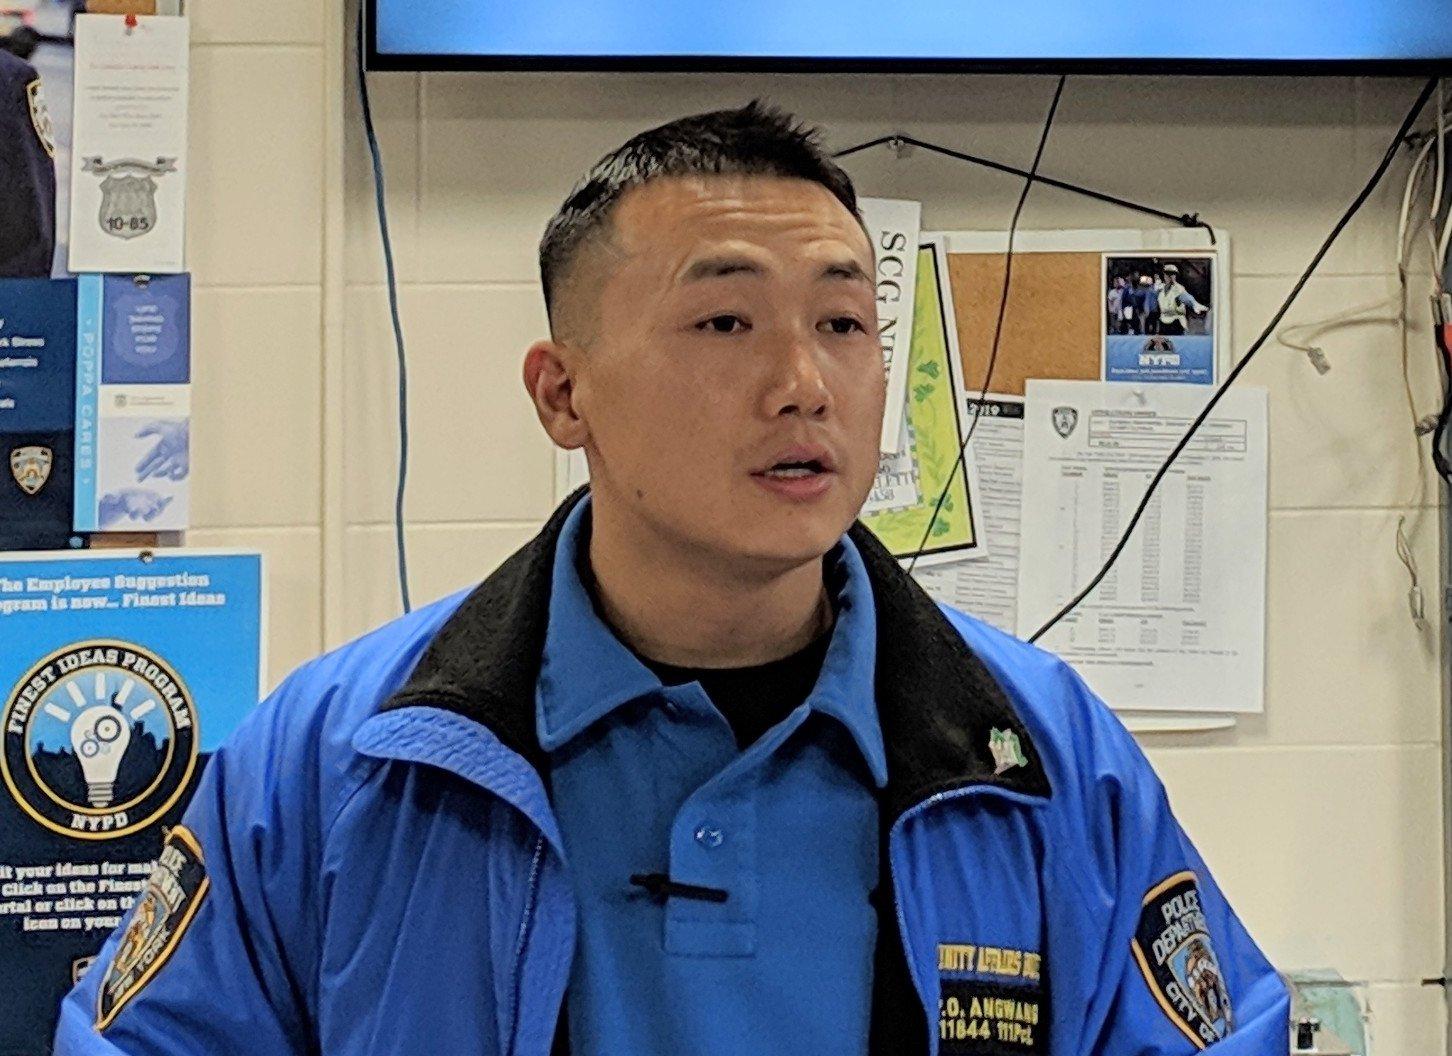 藏人團體:昂旺利用藏族警察身份為中共搞滲透 圖為紐約市警察局111分局藏族警察昂旺。(大紀元資料圖片)